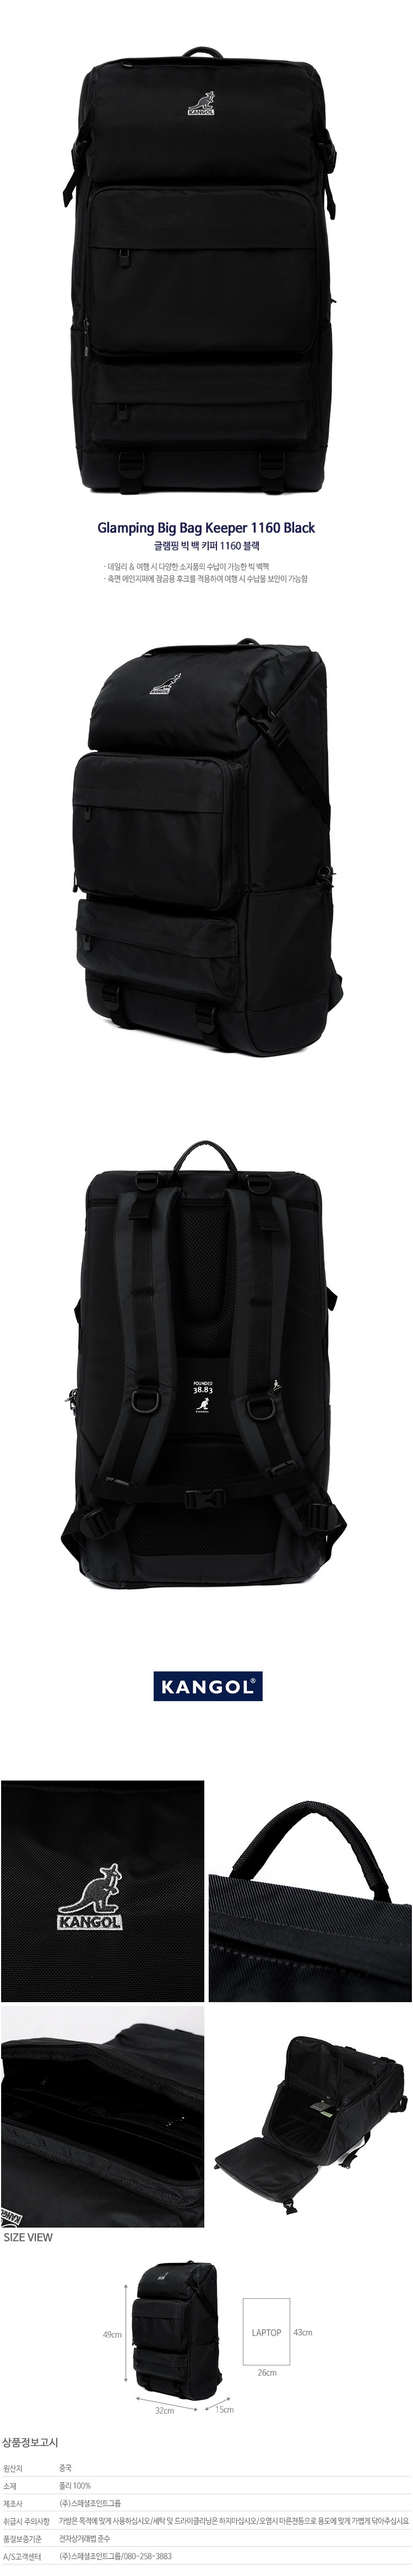 캉골(KANGOL) Glamping Big Bag Keeper 1160 BLACK